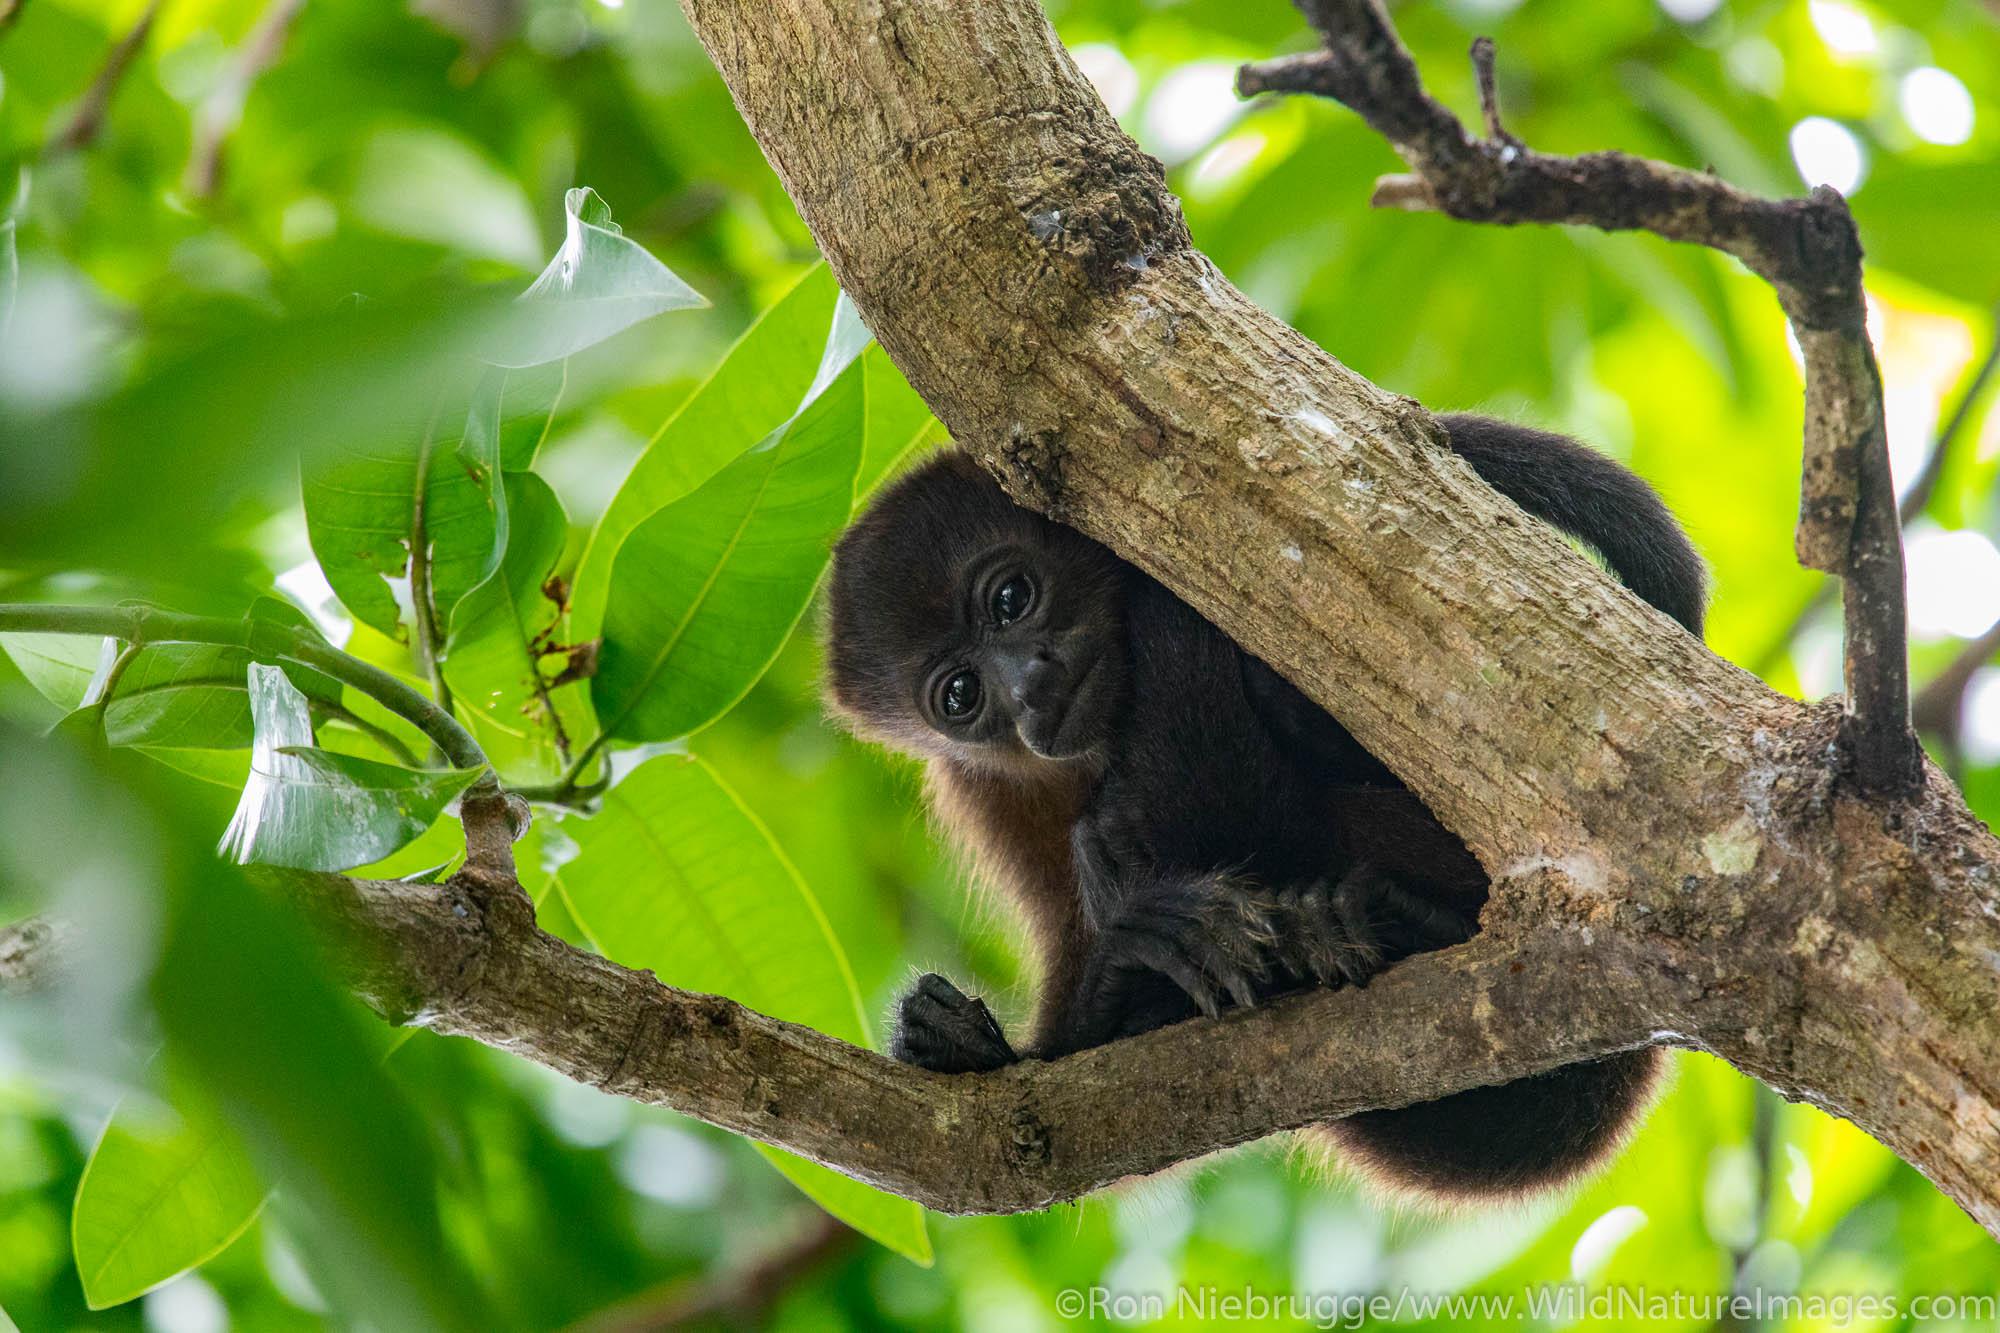 Howler monkey, Tamarindo, Costa Rica